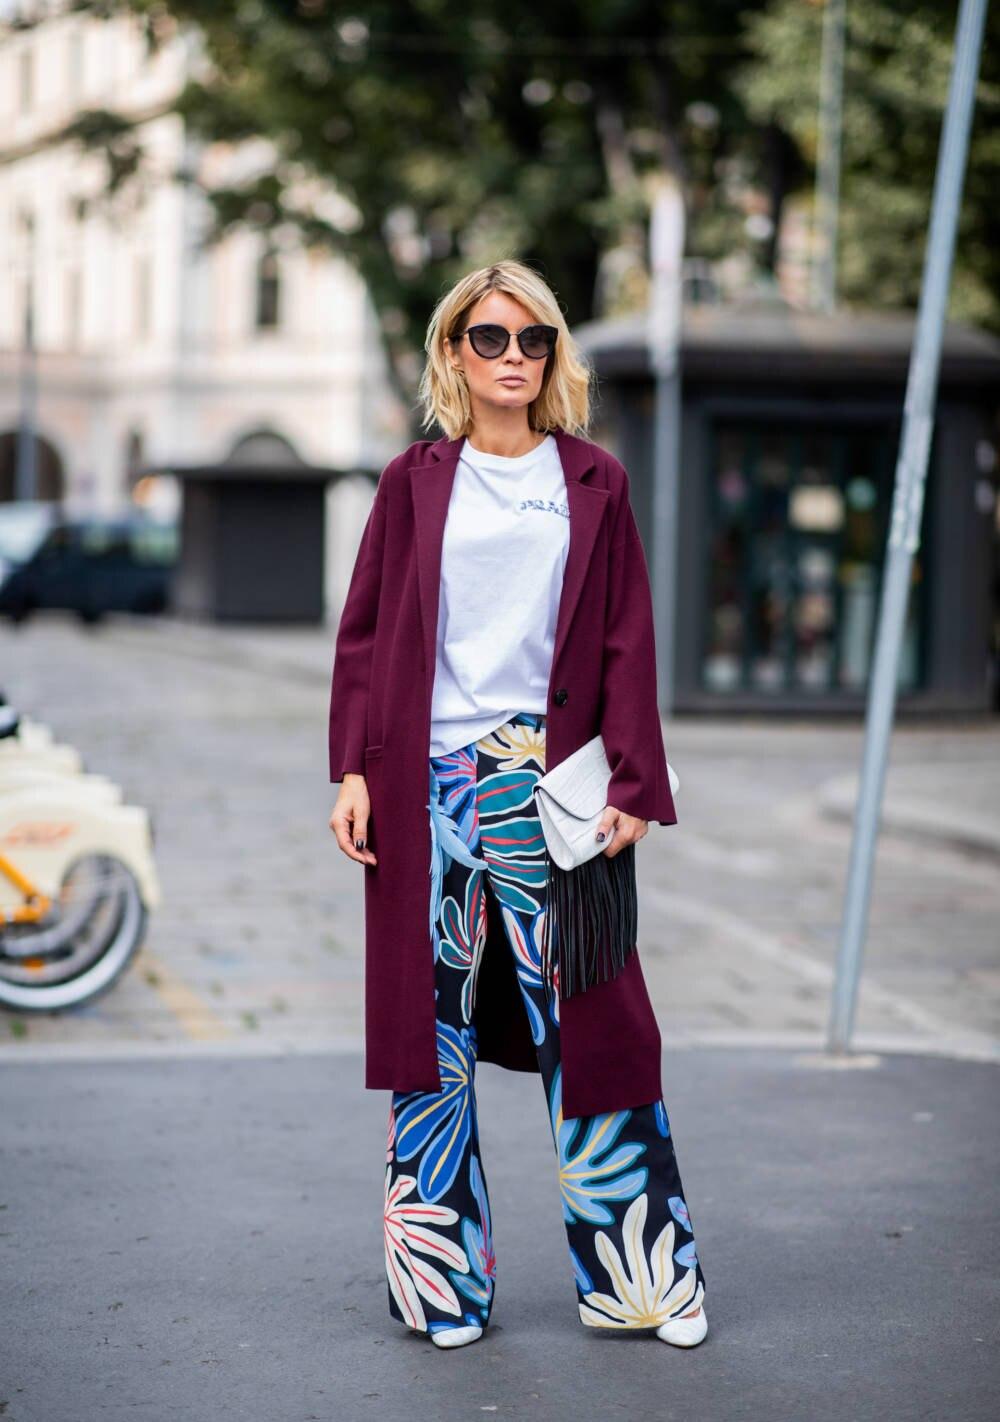 Bloggerin Gitta Blanko